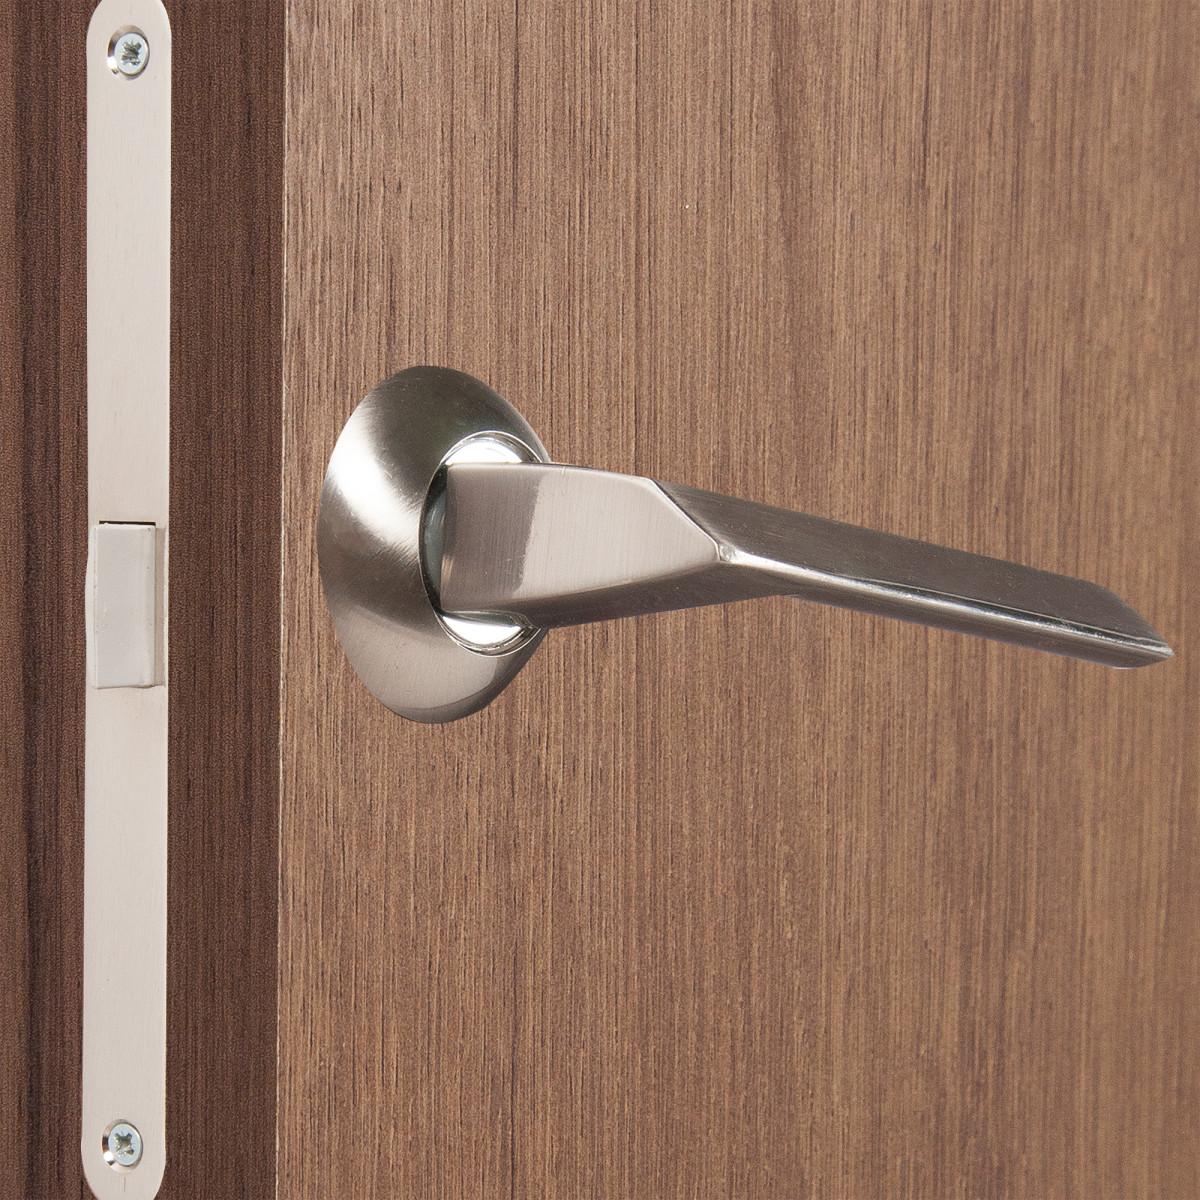 Дверь Межкомнатная Остеклённая 60x200 Ламинация Цвет Дуб Селект